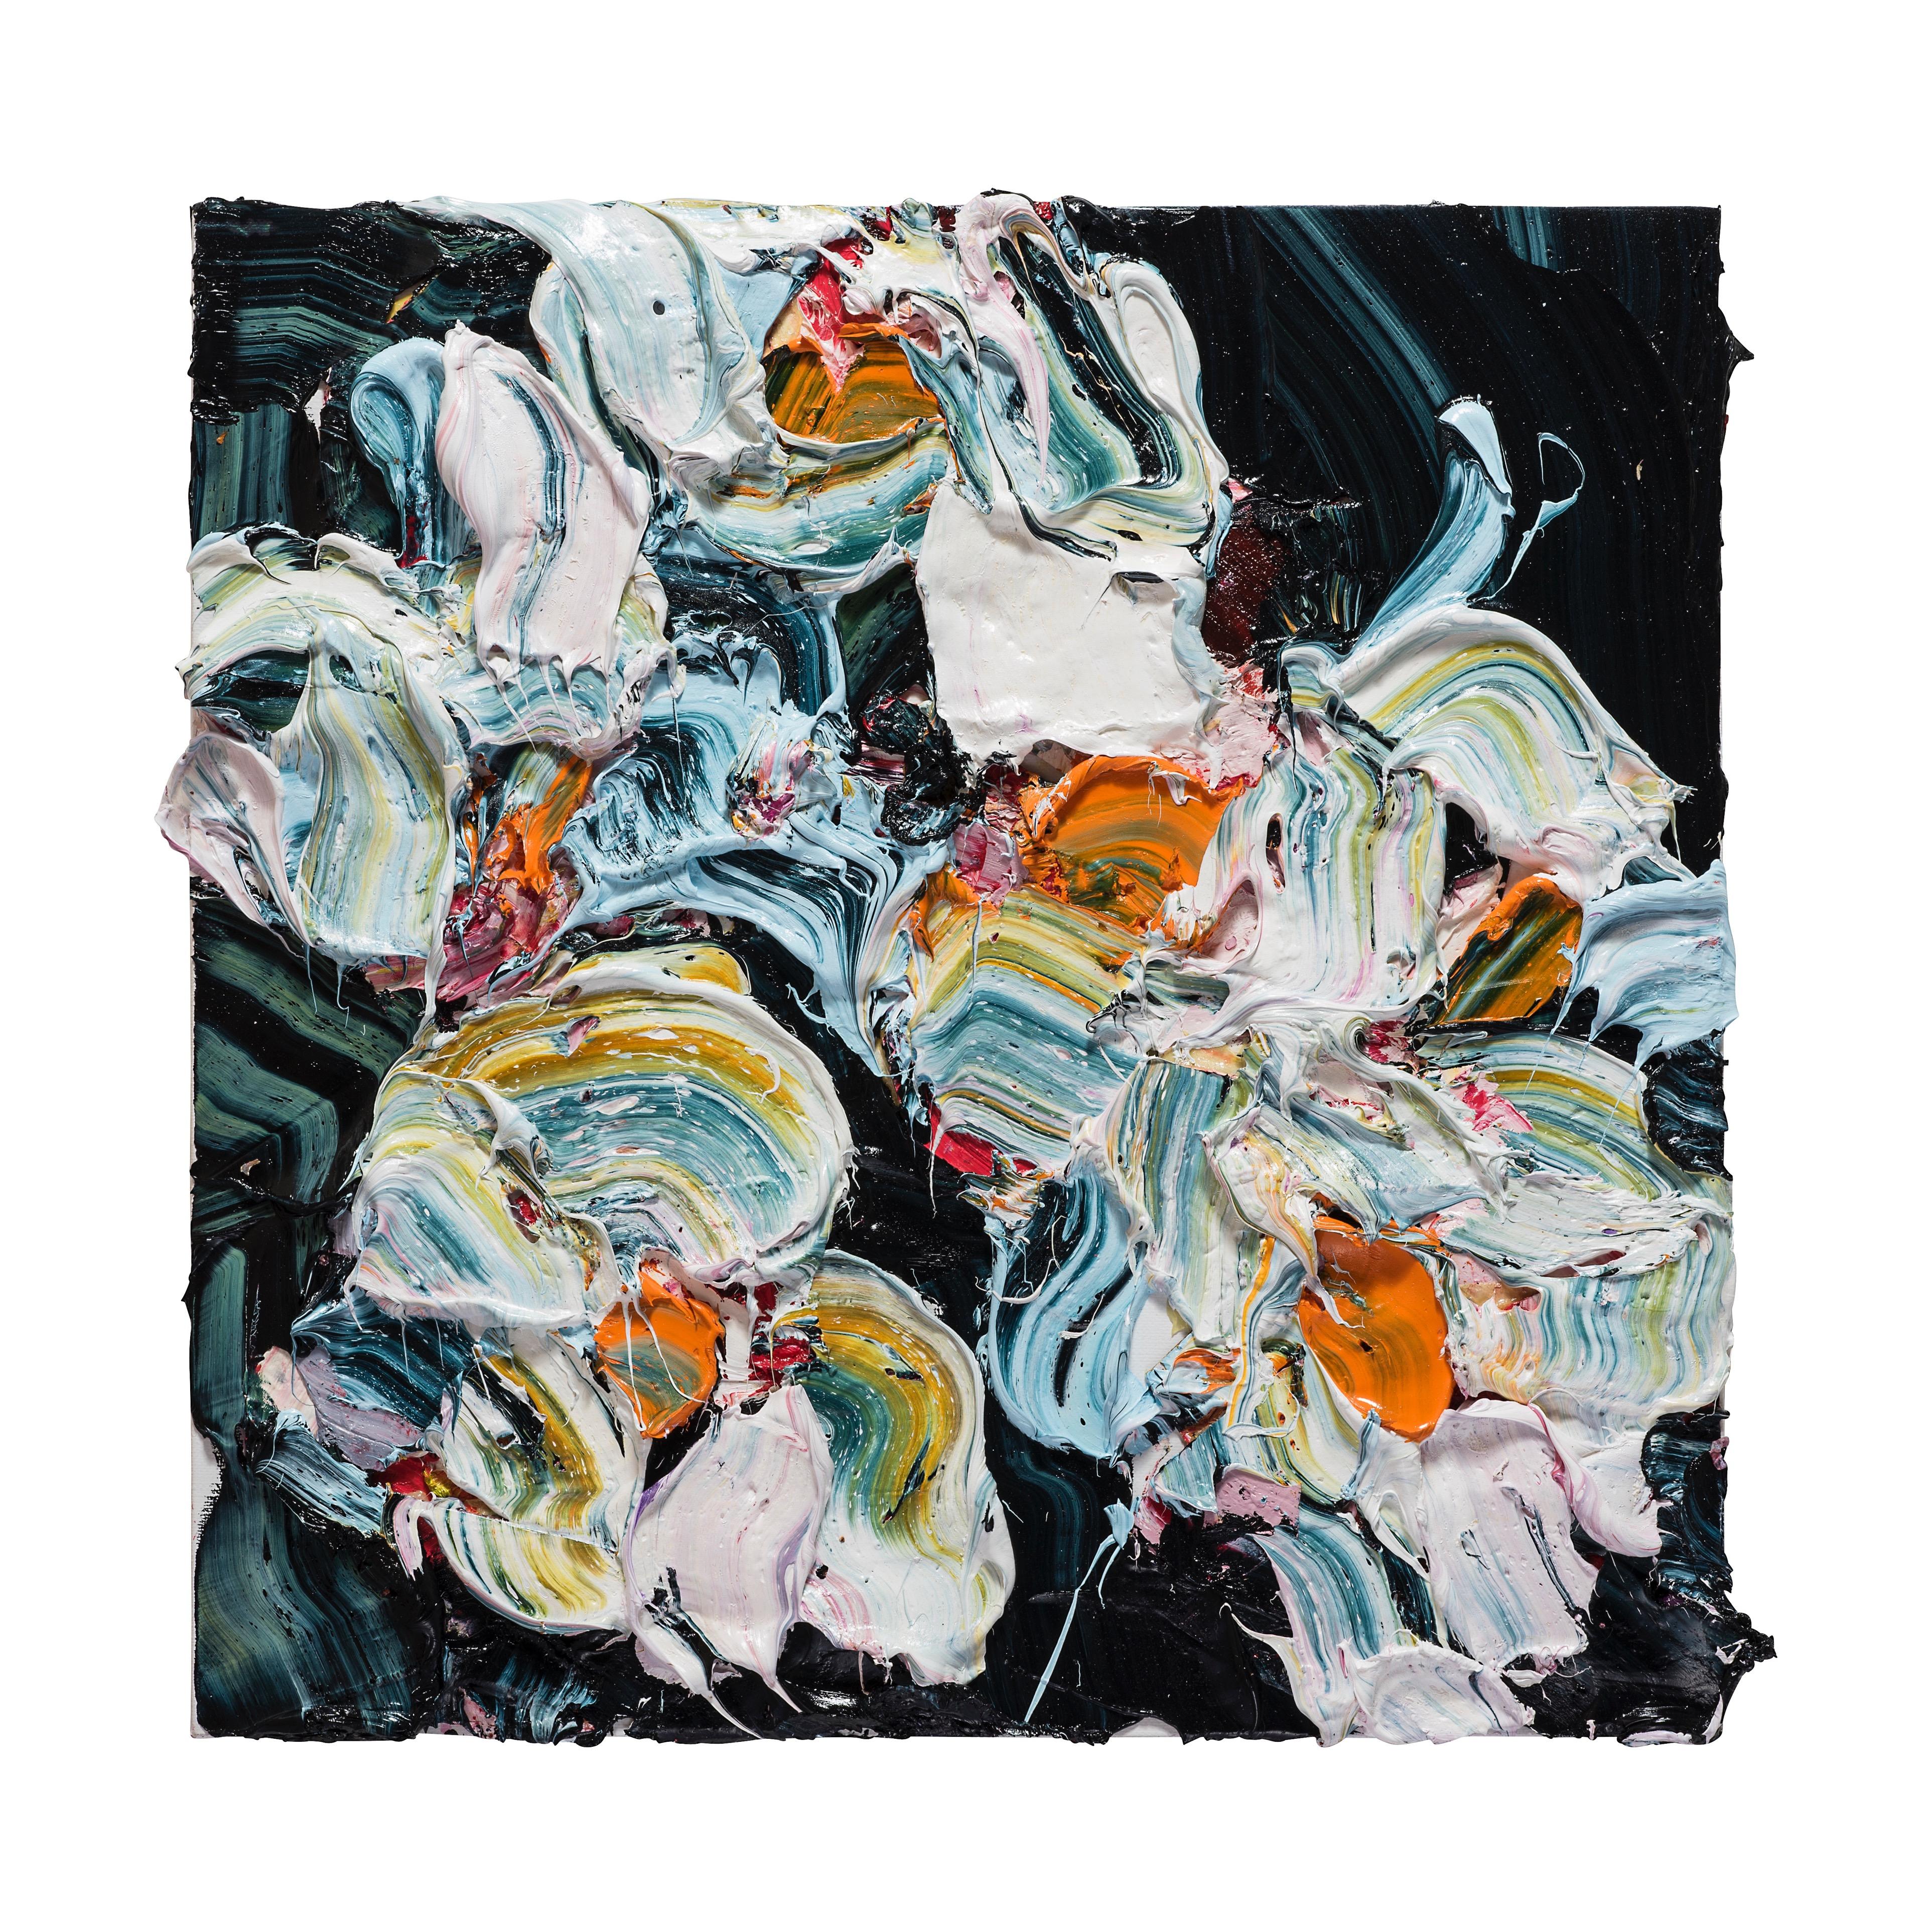 Midnight Ash Rose #2 - 65x65cm Oil on Linen Over DiaBond